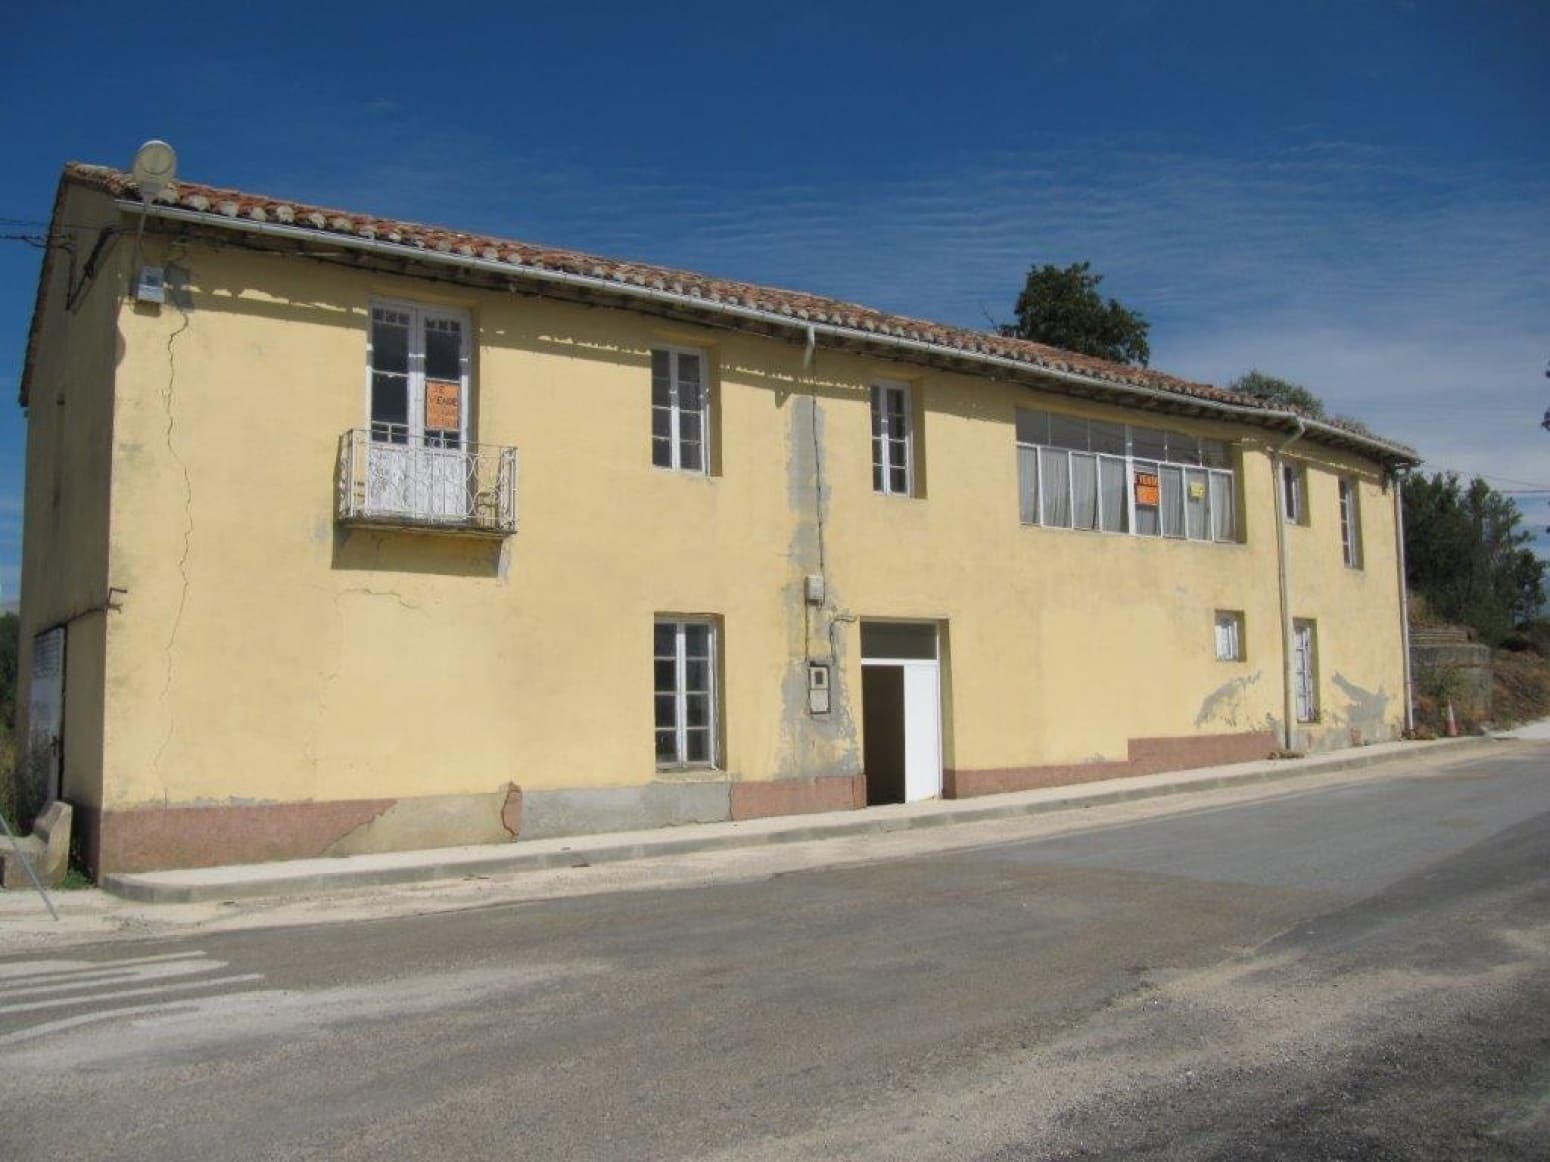 8 sypialnia Willa na sprzedaż w Respenda de la Pena z garażem - 25 000 € (Ref: 5513166)